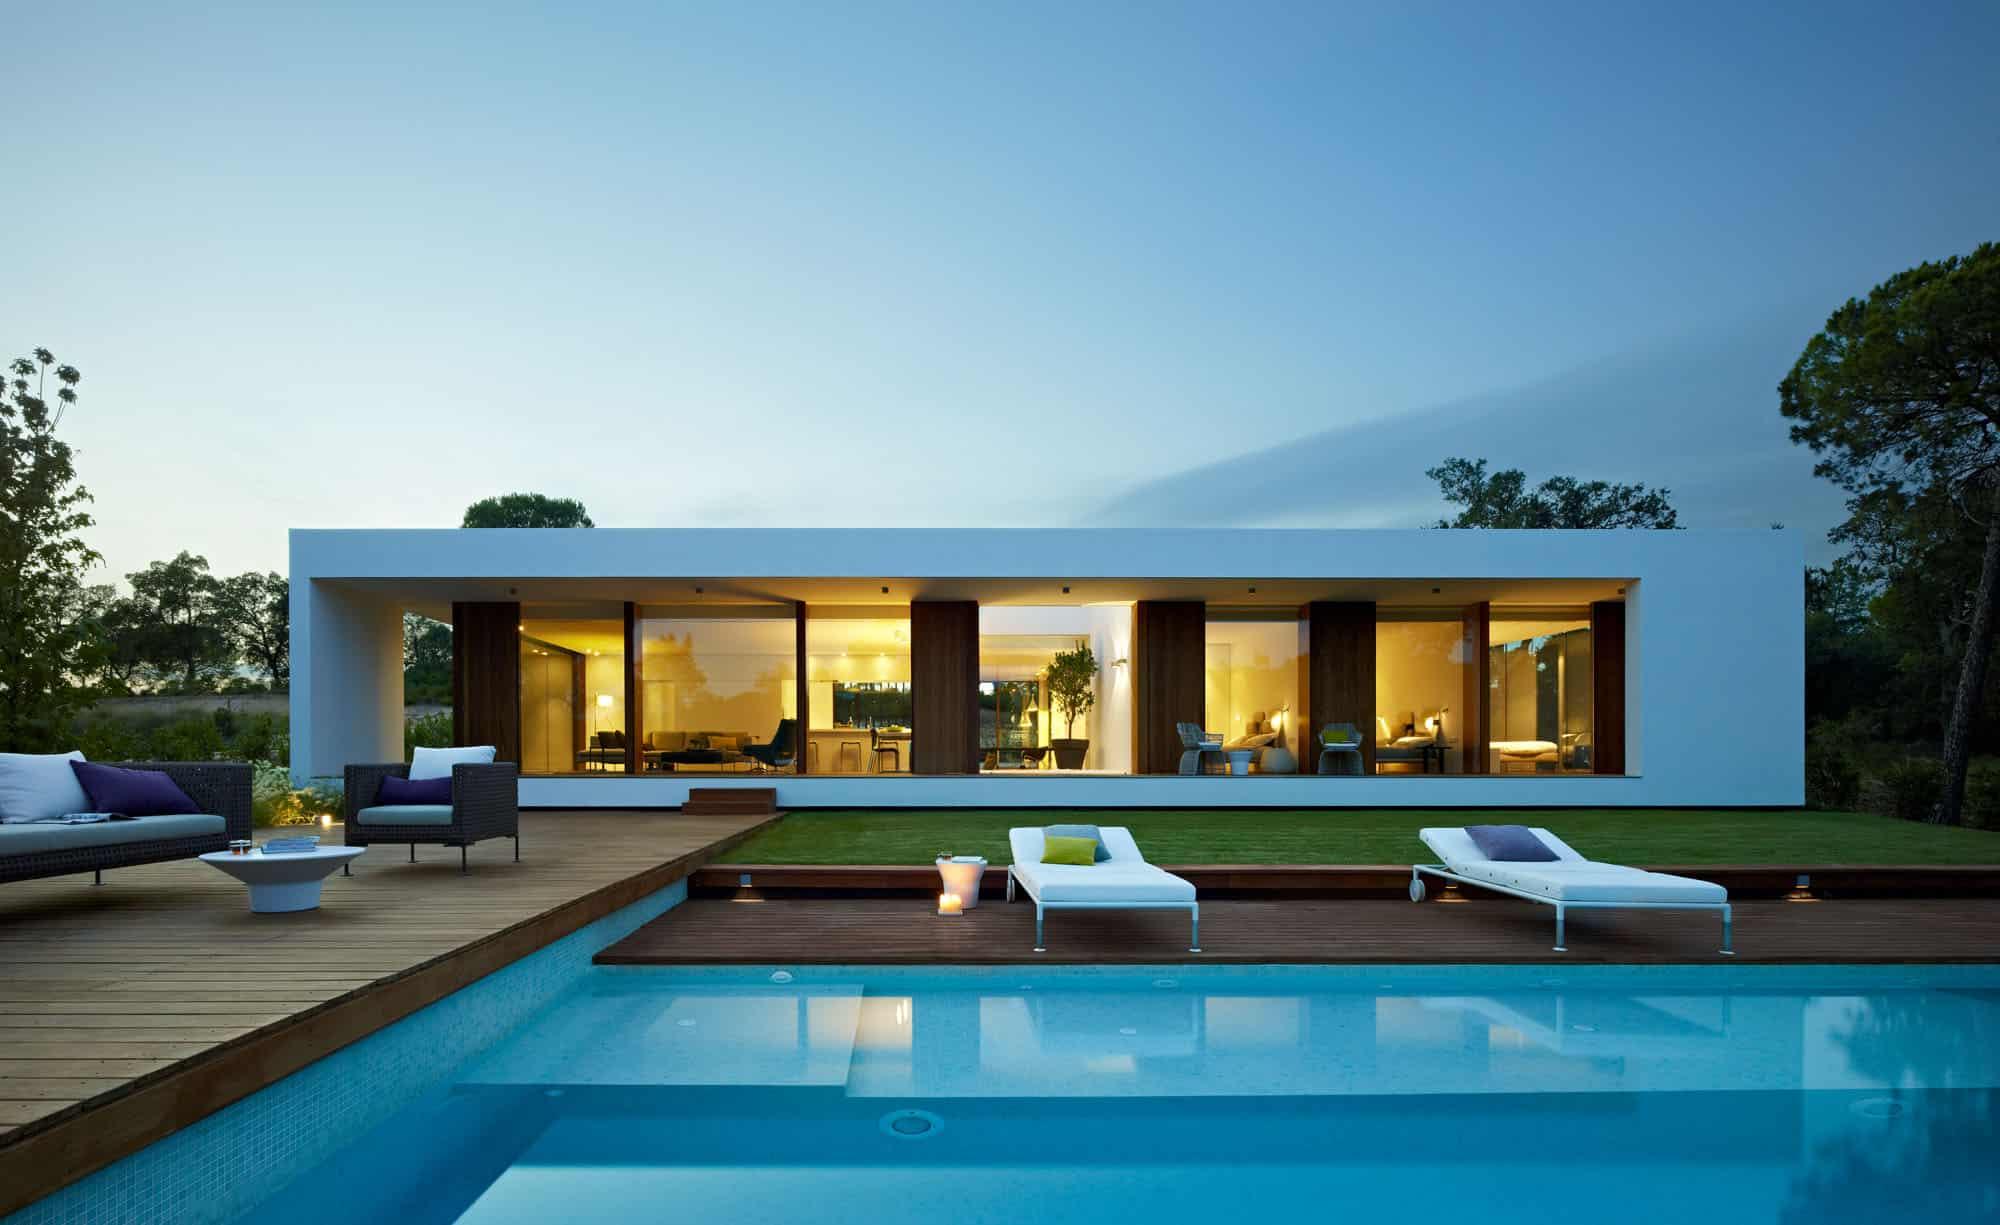 Villa Moderne Apartments Valparaiso Indiana - Décoration de maison ...